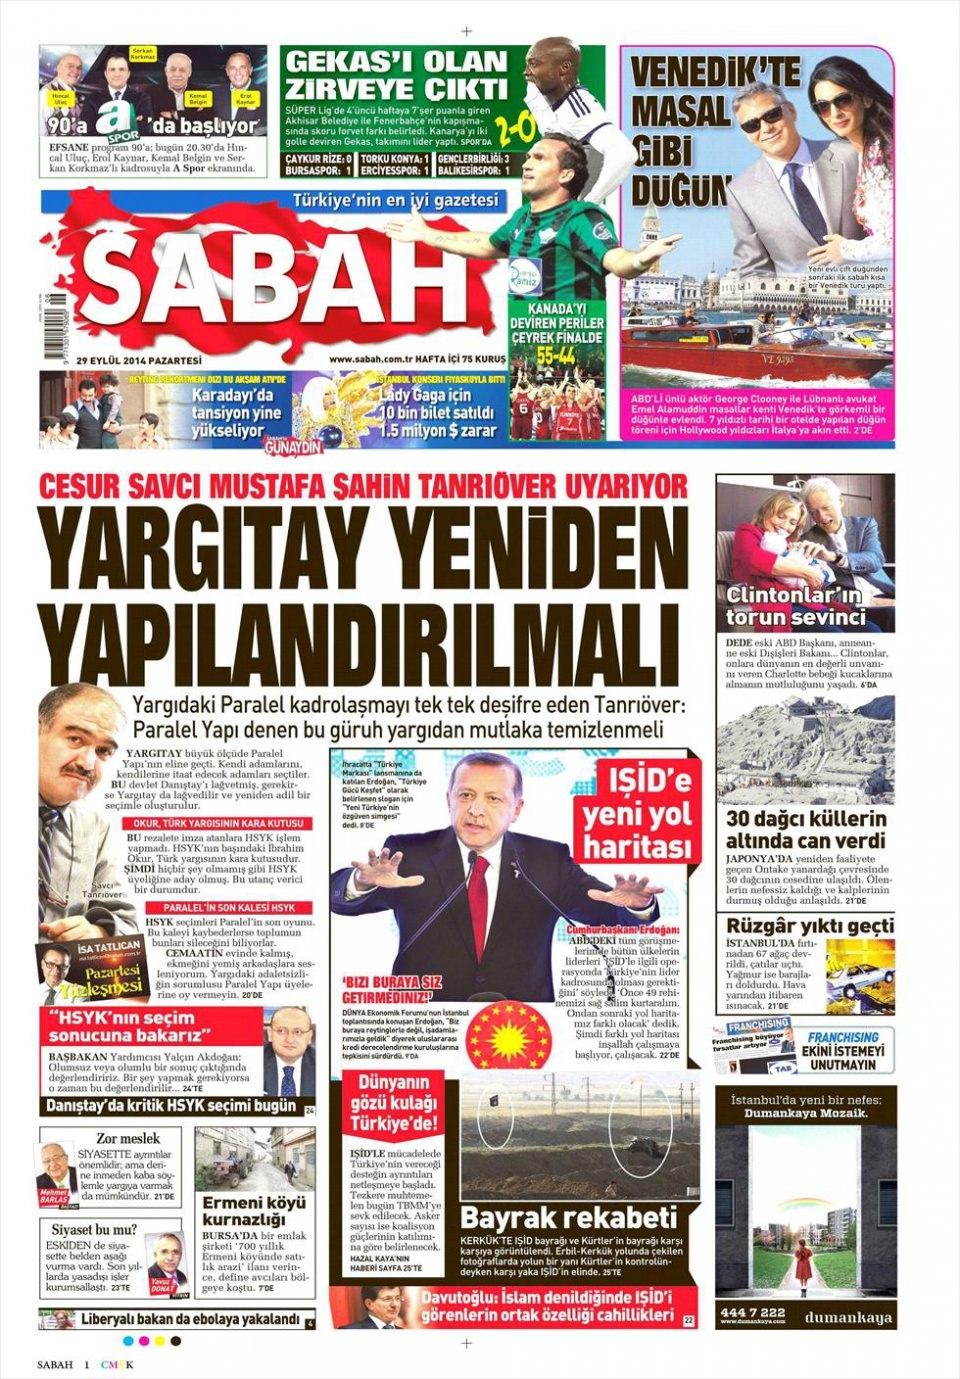 29 Eylül 2014 gazete manşetleri 16